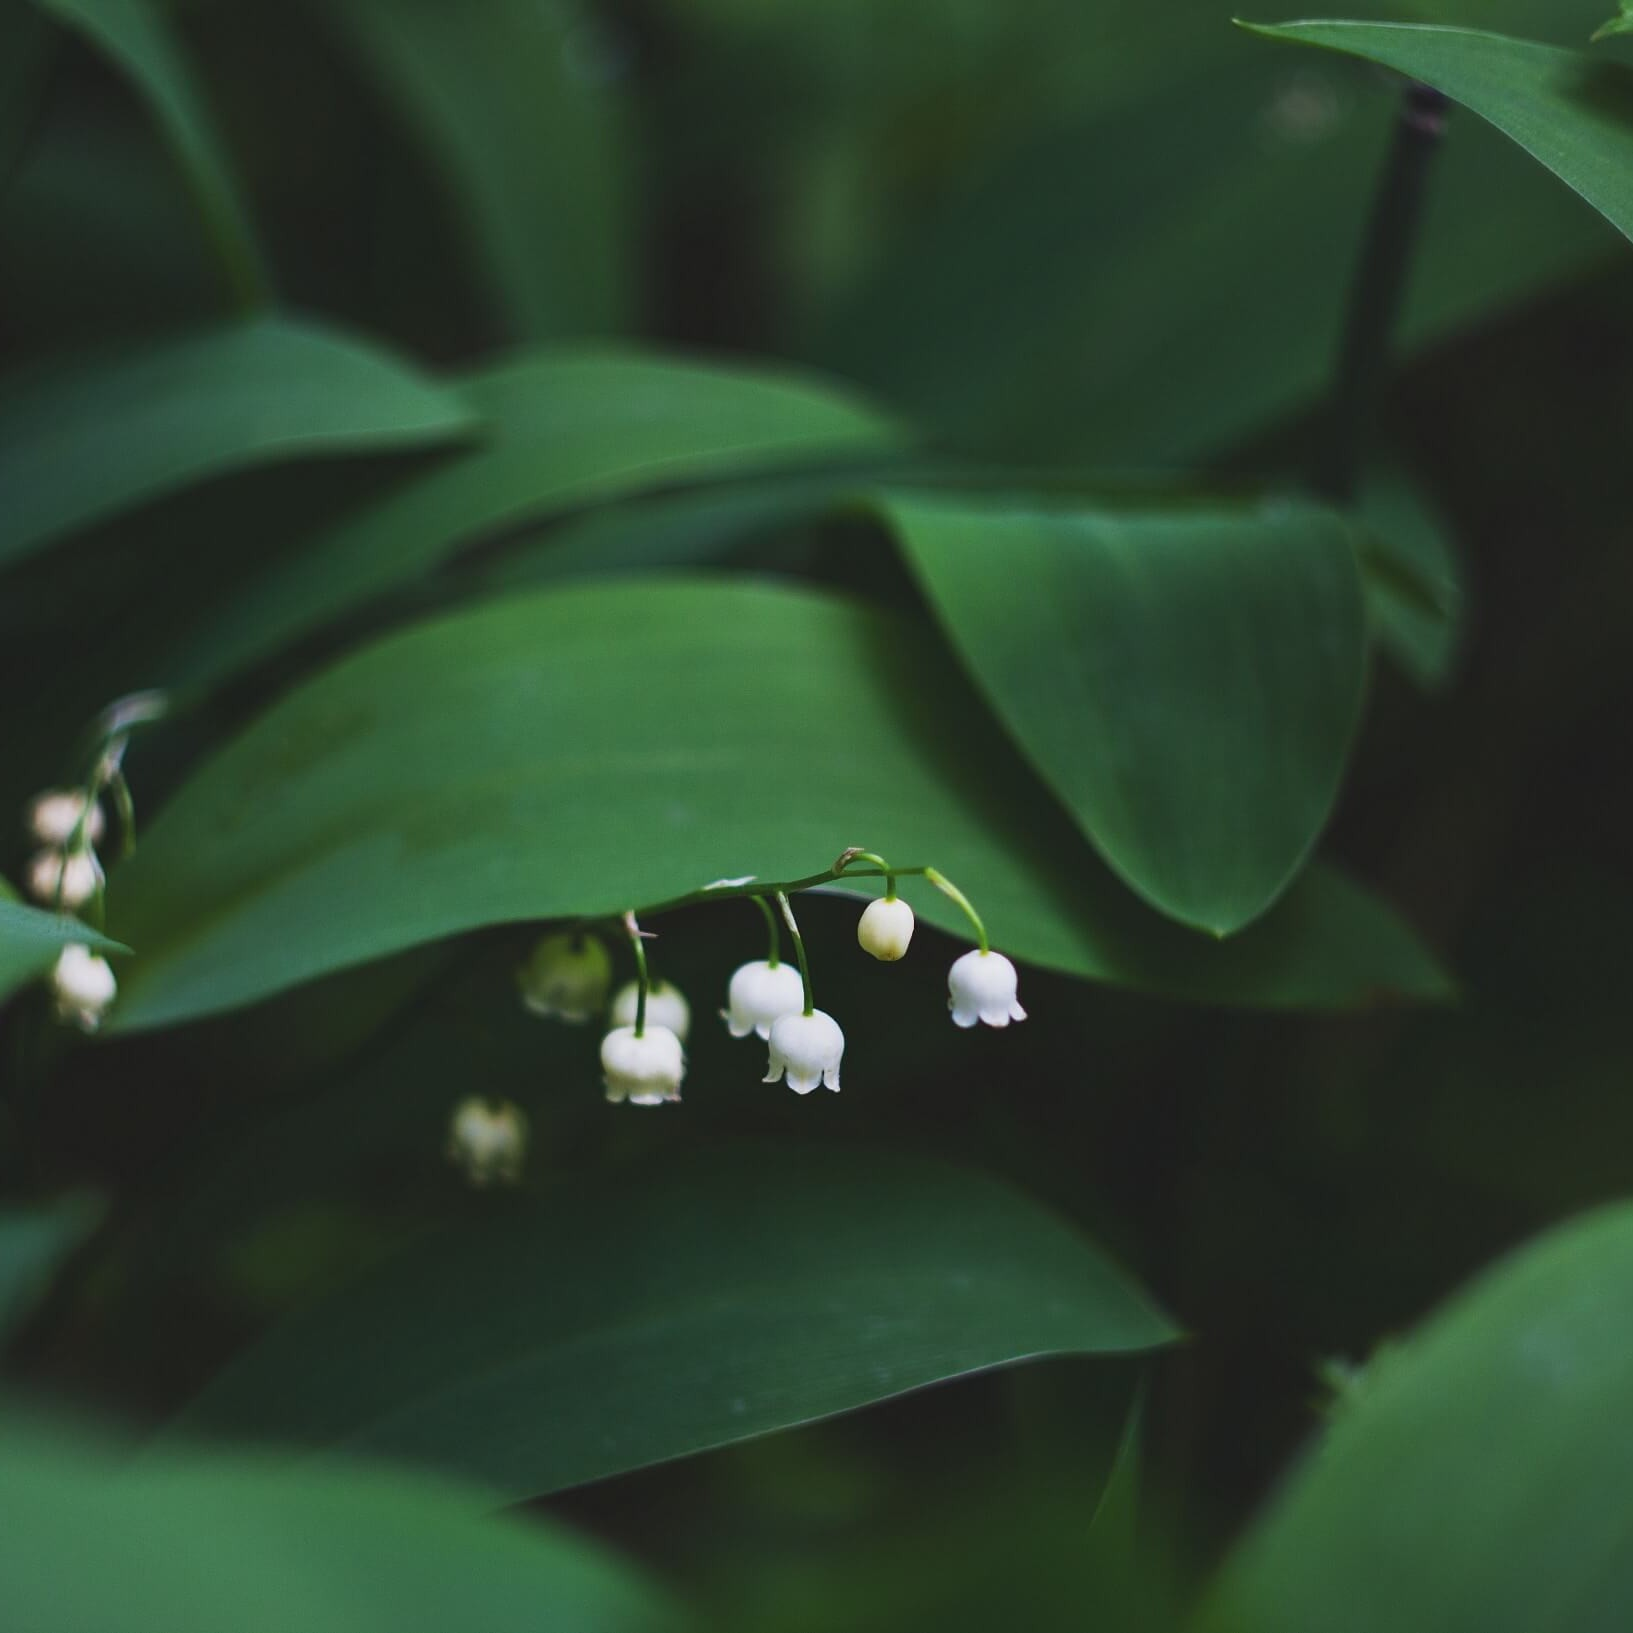 Maiglöckchen tauchen unter einem Blatt hervor